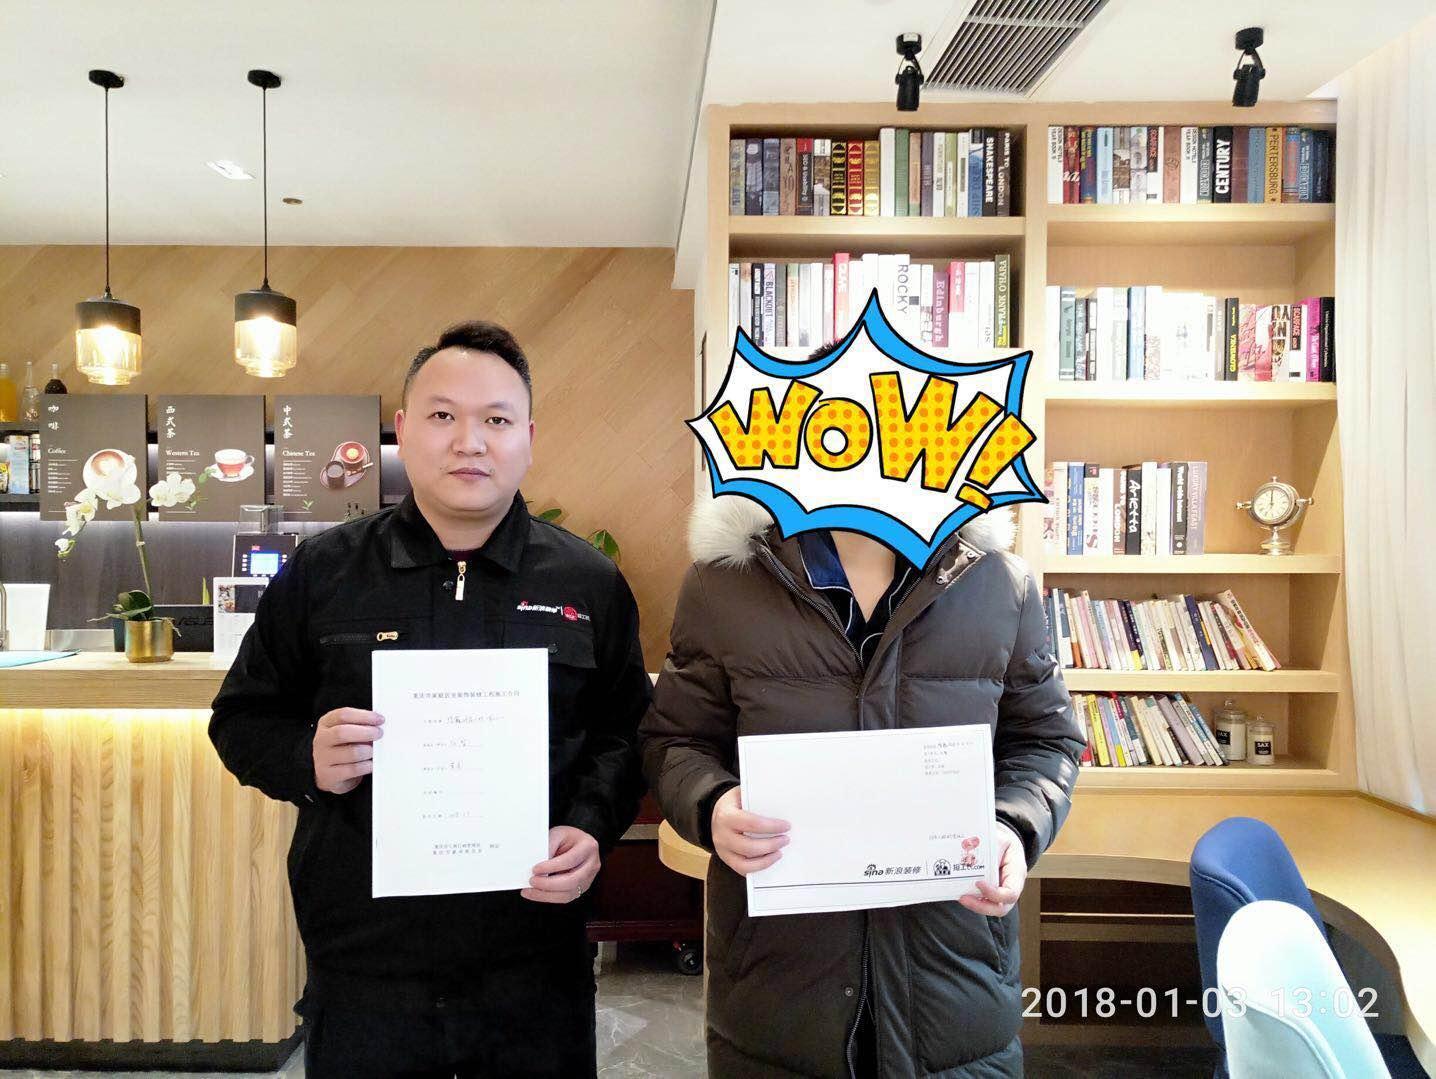 恭喜黄勇工长签约成功隆鑫鸿府武老师